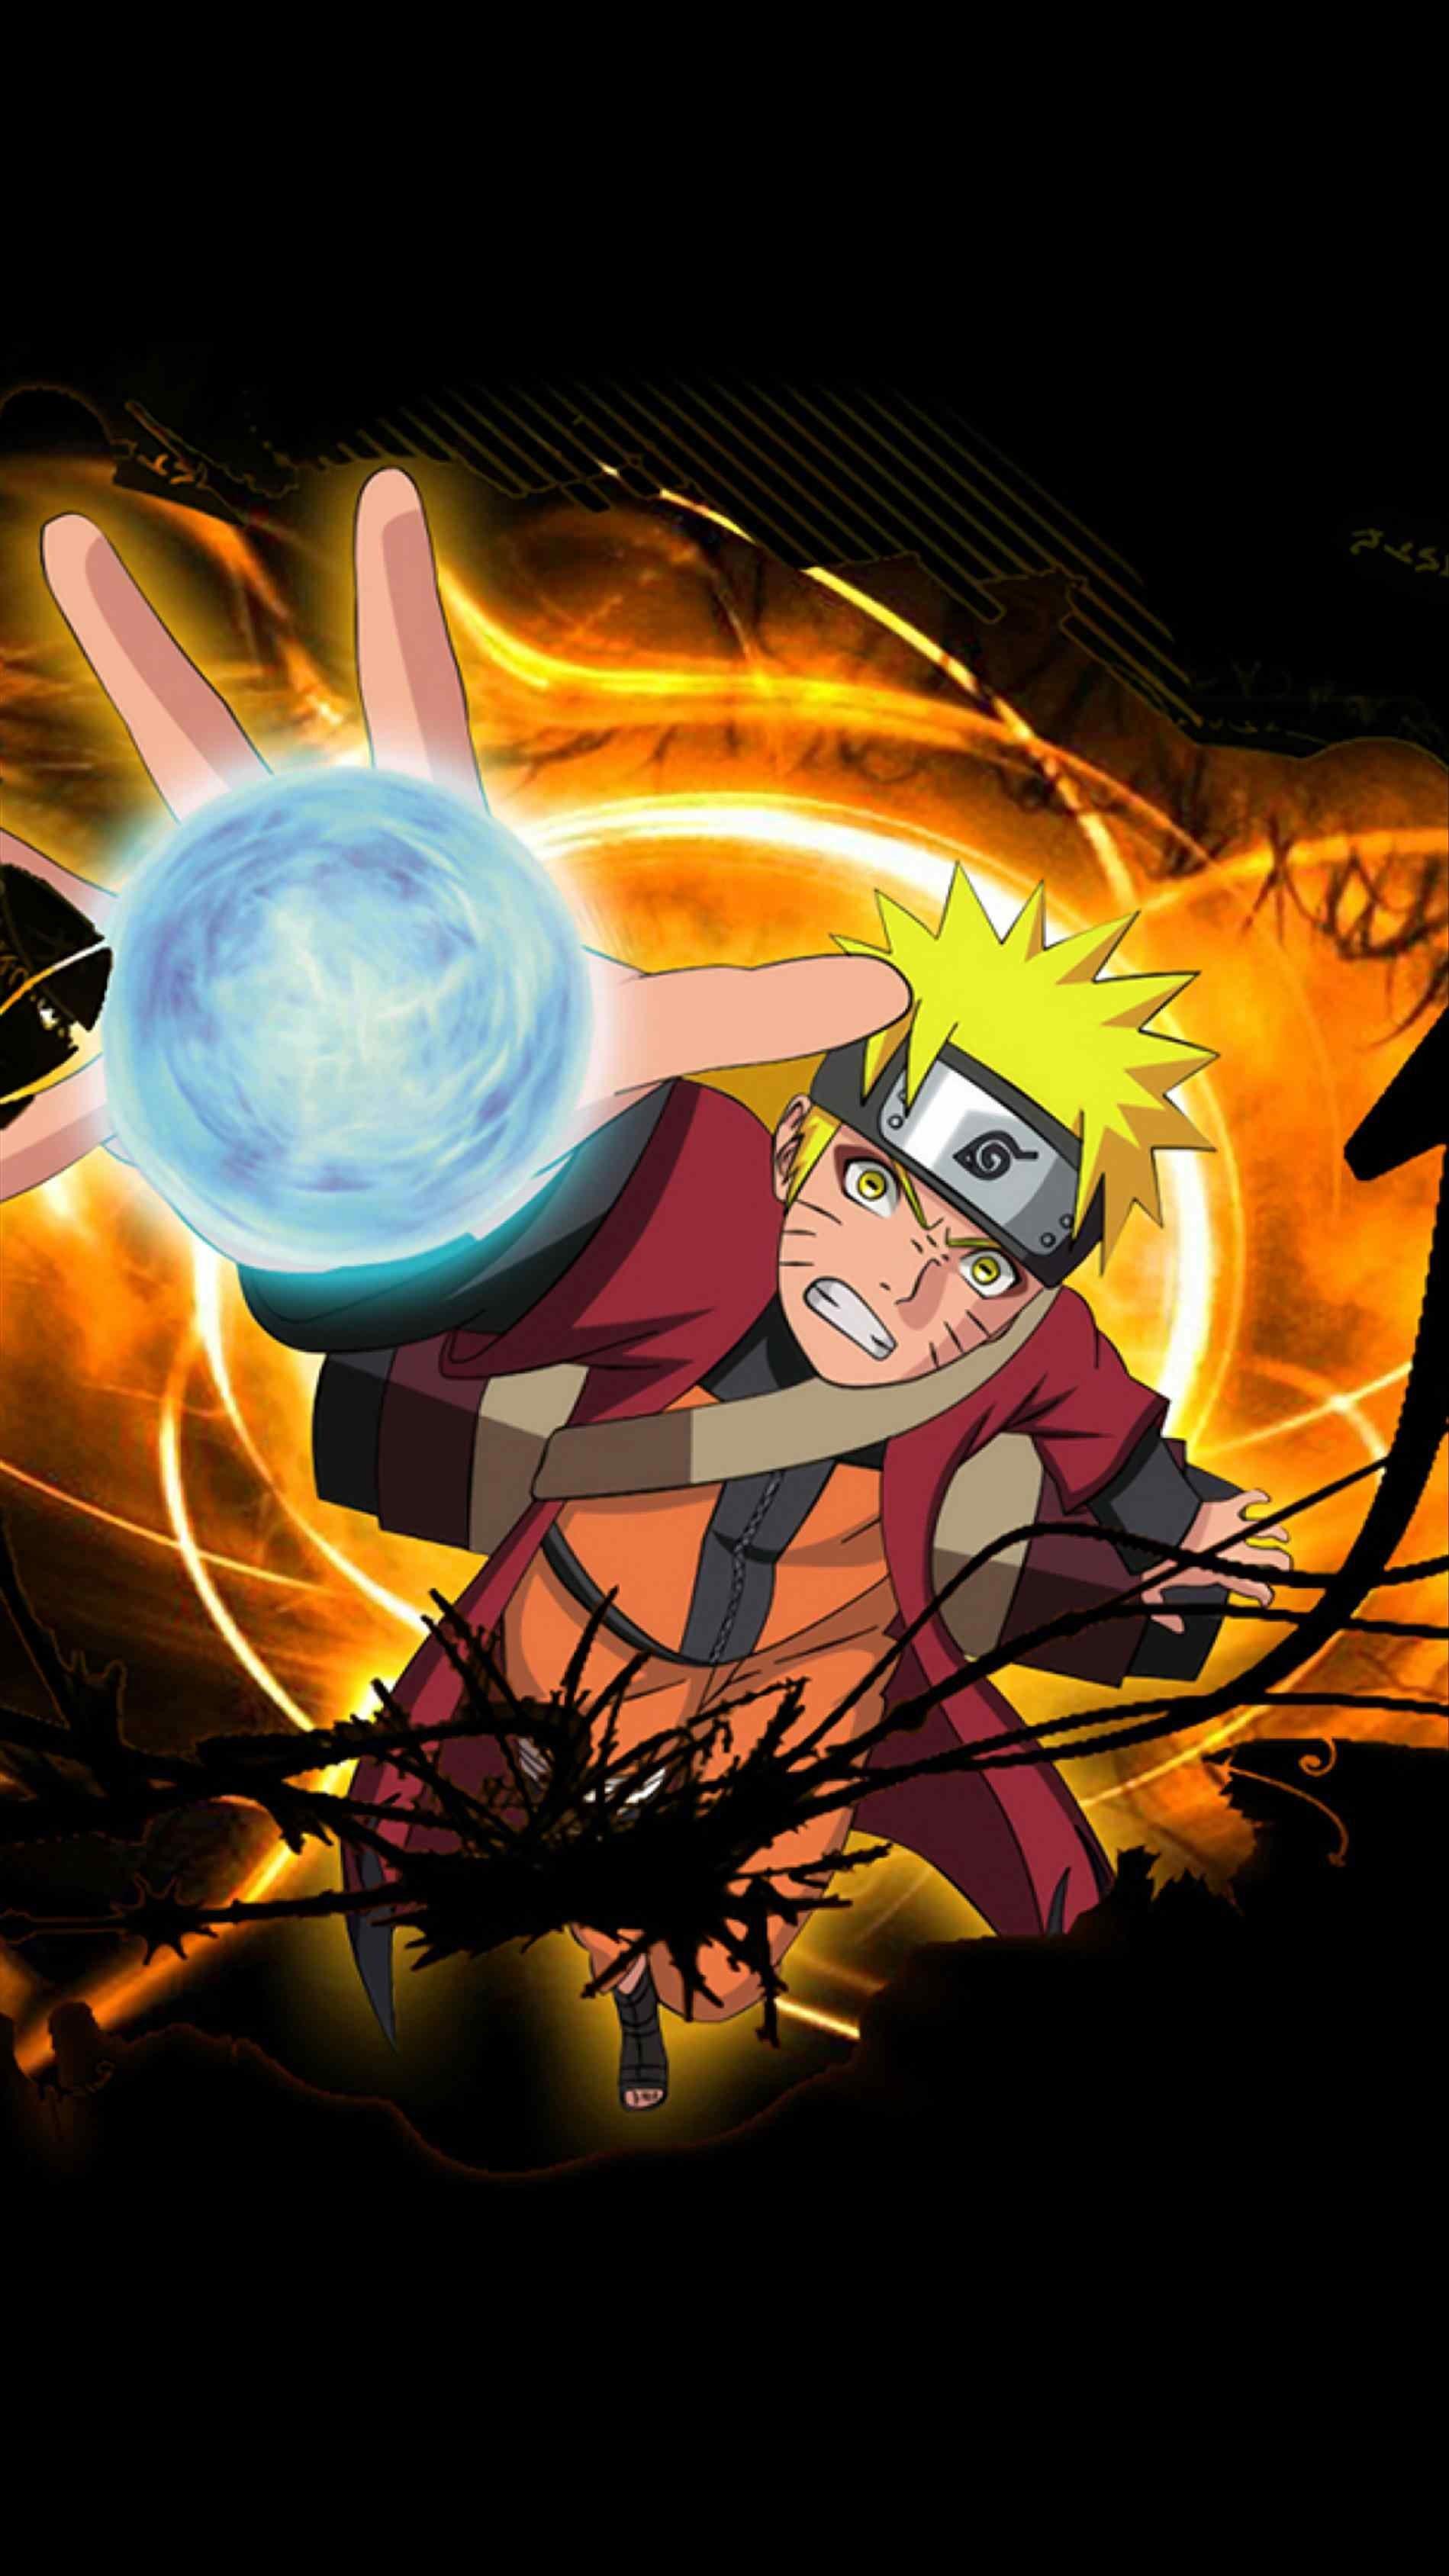 Unduh 9200 Koleksi Wallpaper Naruto Rasengan Gratis Terbaru